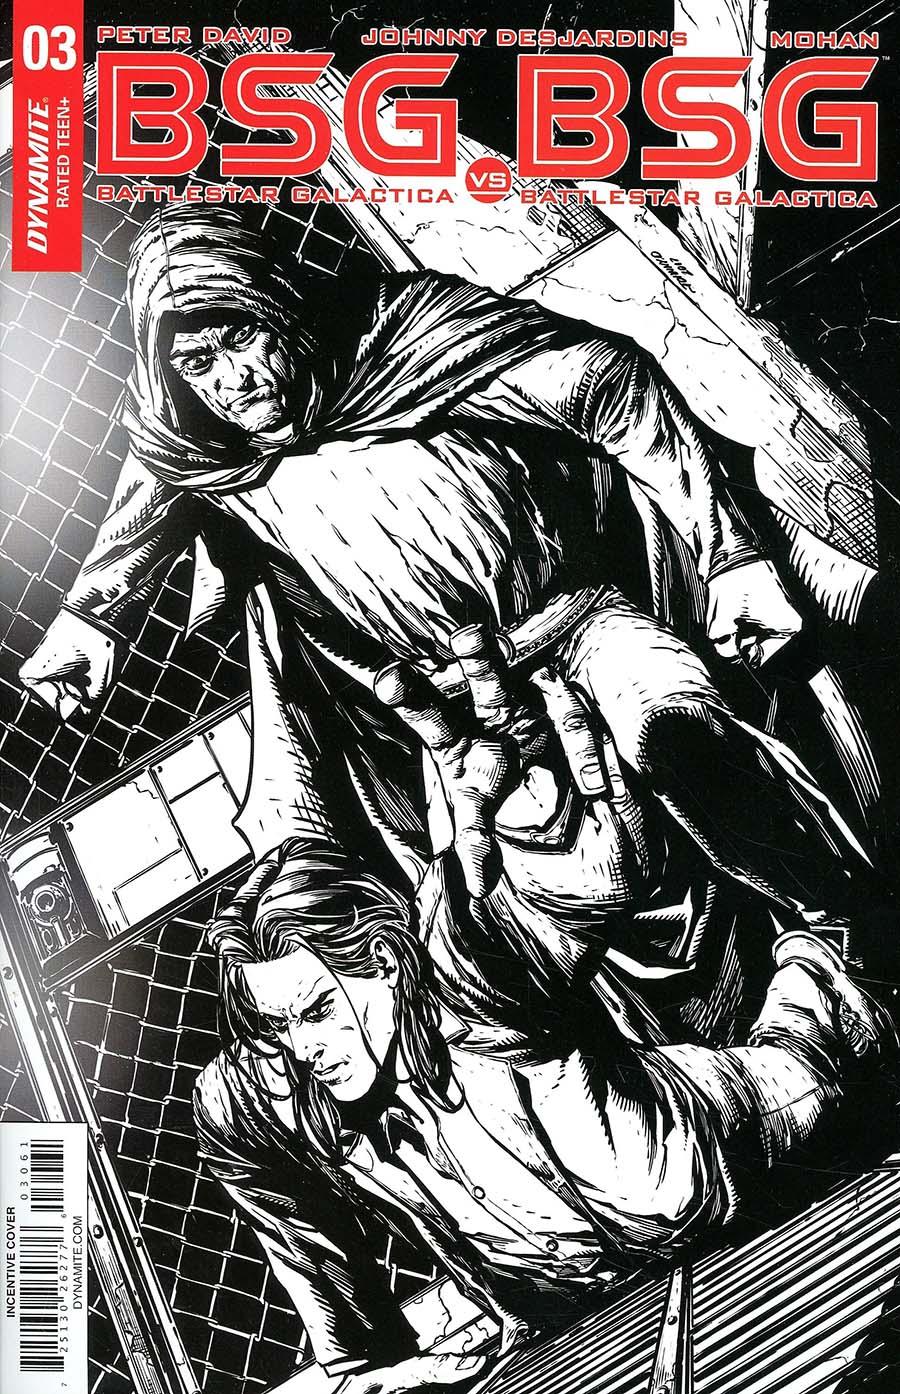 Battlestar Galactica vs Battlestar Galactica #3 Cover F Incentive Johnny Desjardins Black & White Cover